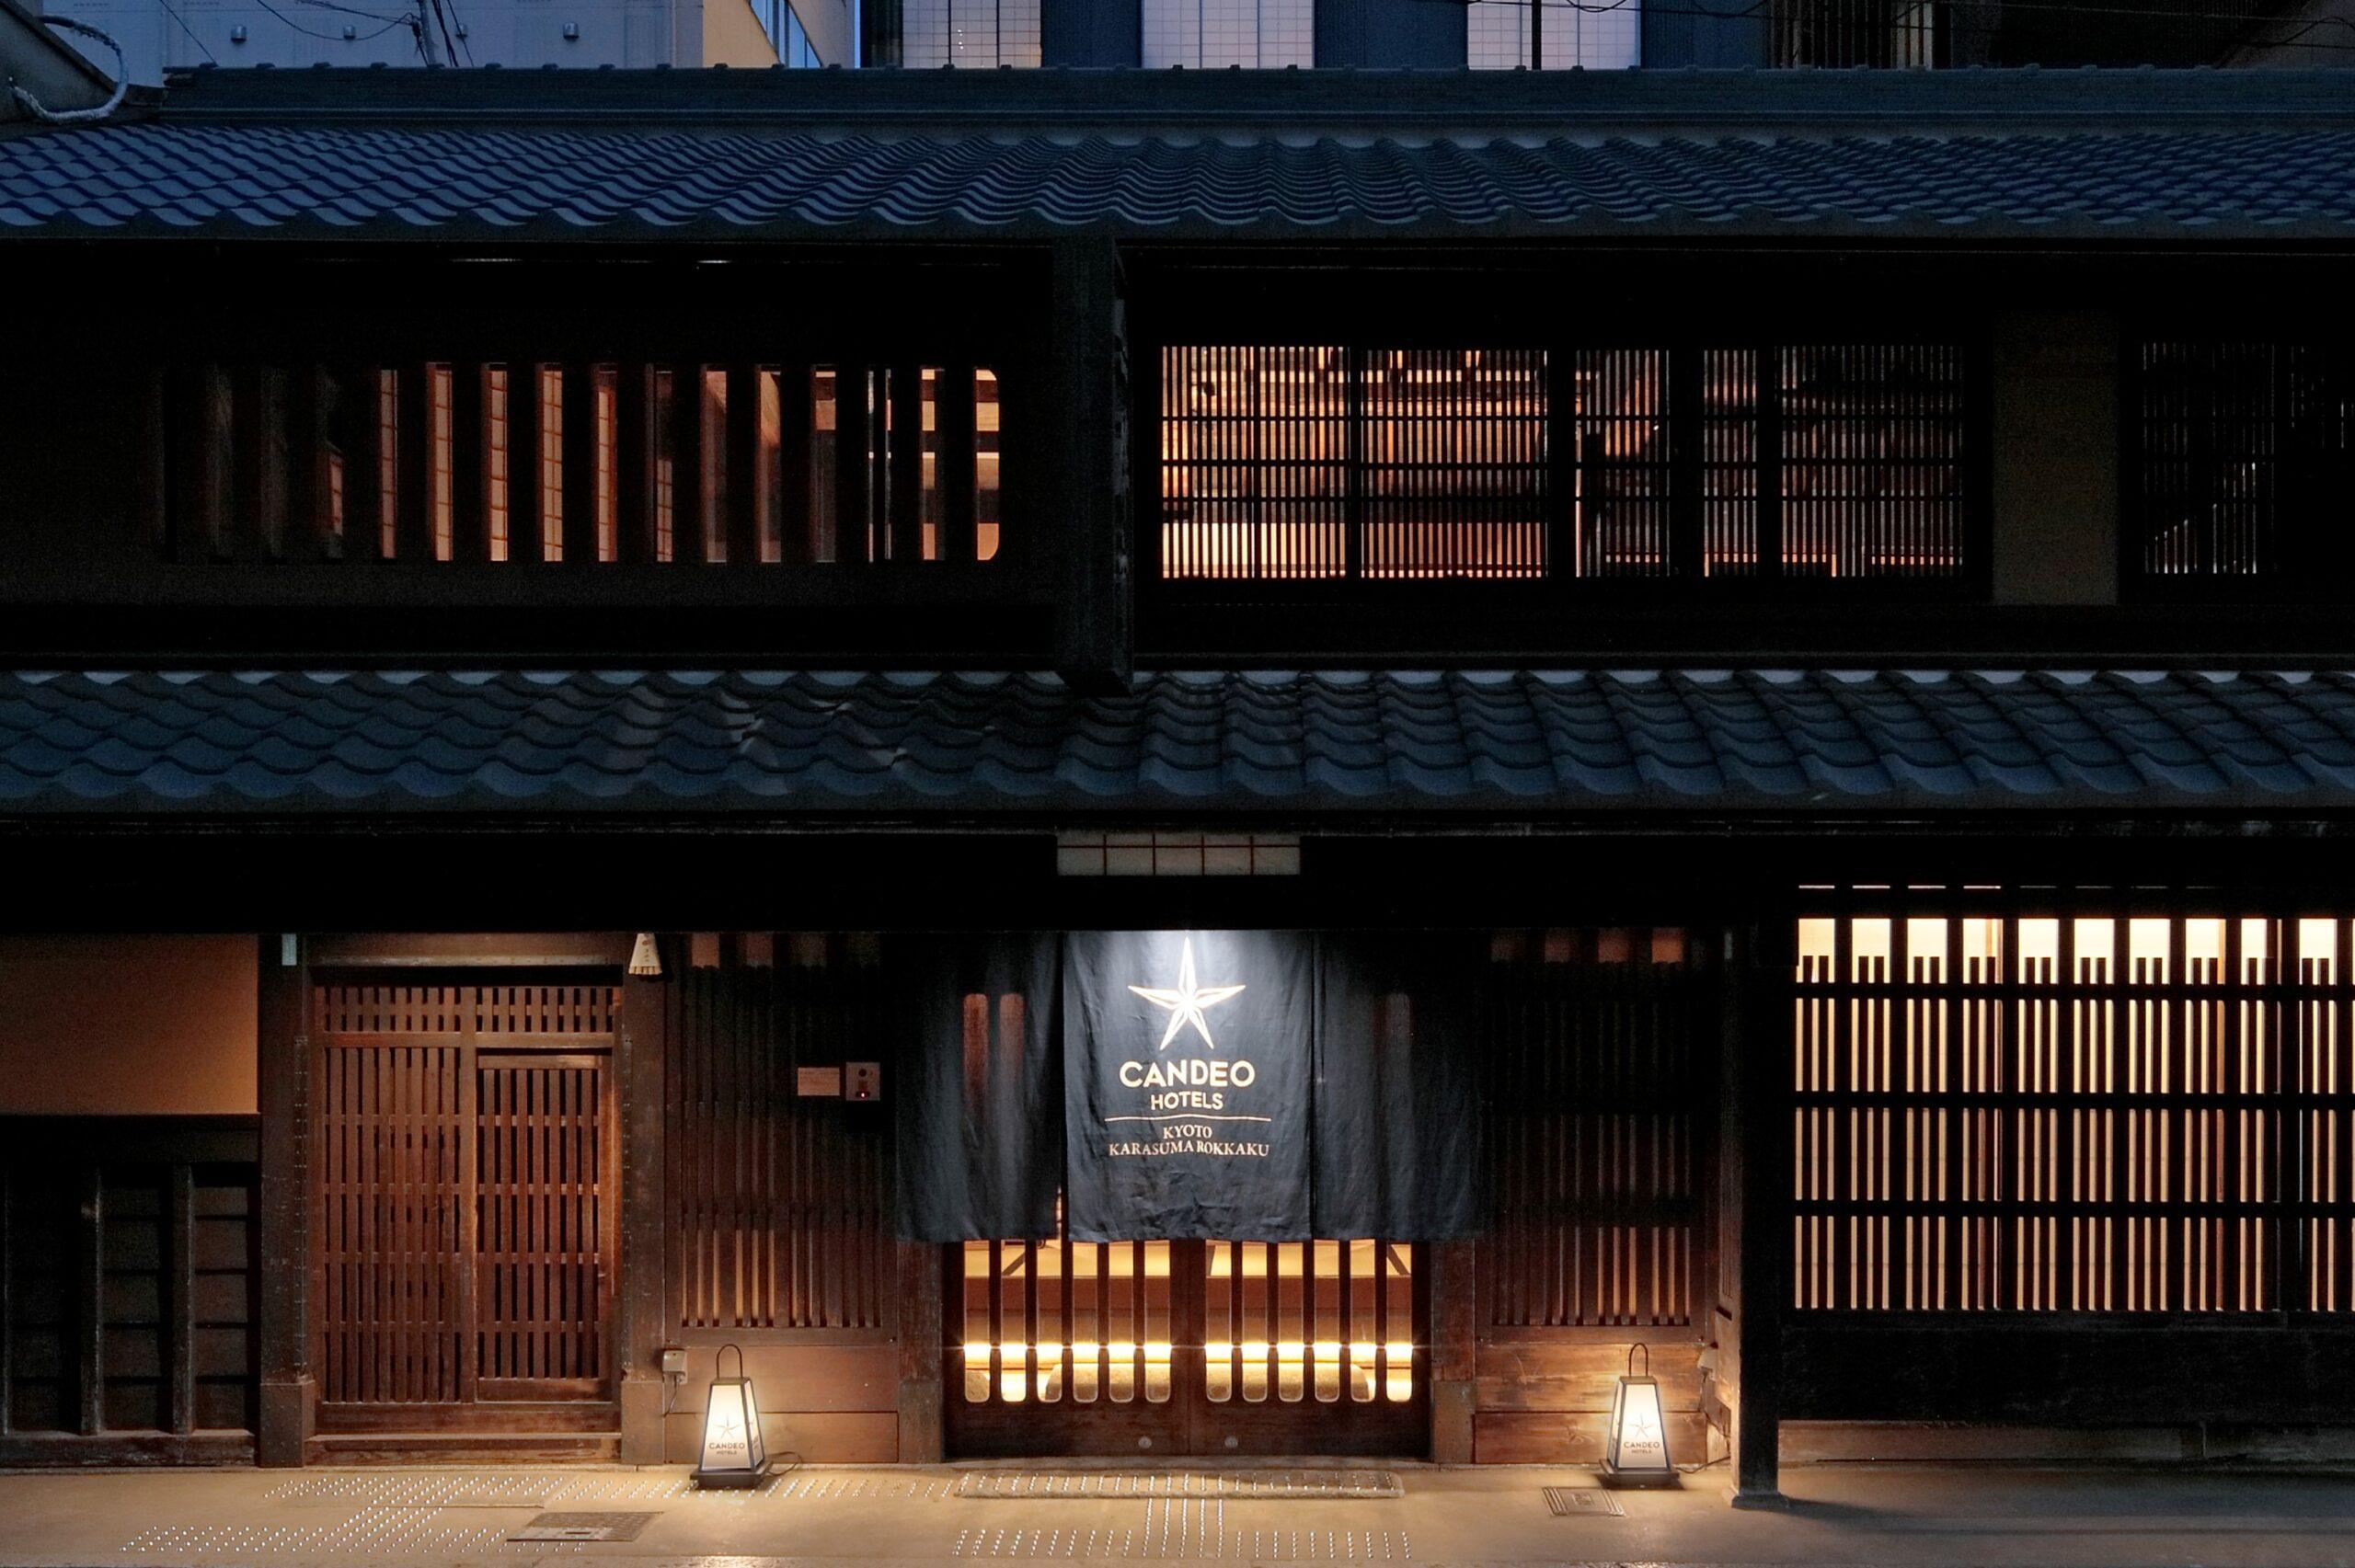 「カンデオホテルズ京都烏丸六角」が期間限定「開業記念キャンペーン」開催 公式HPからの会員限定予約で宿泊料が割引に